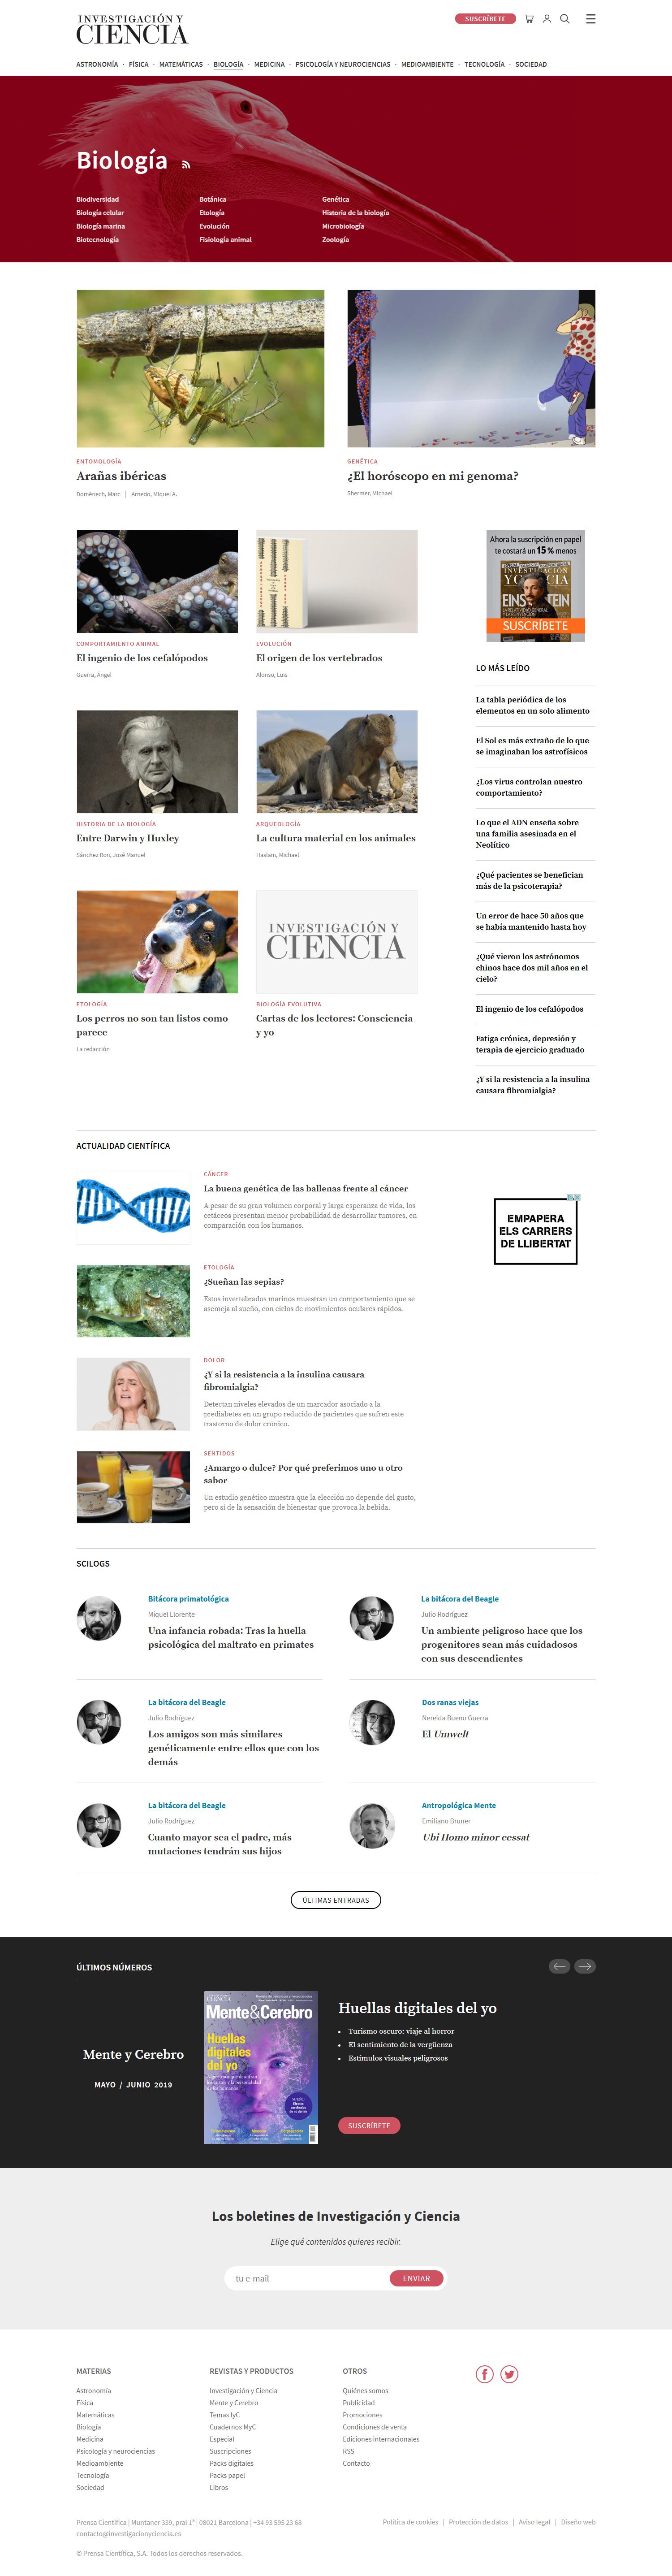 Investigación y Ciencia - Premis Nobel